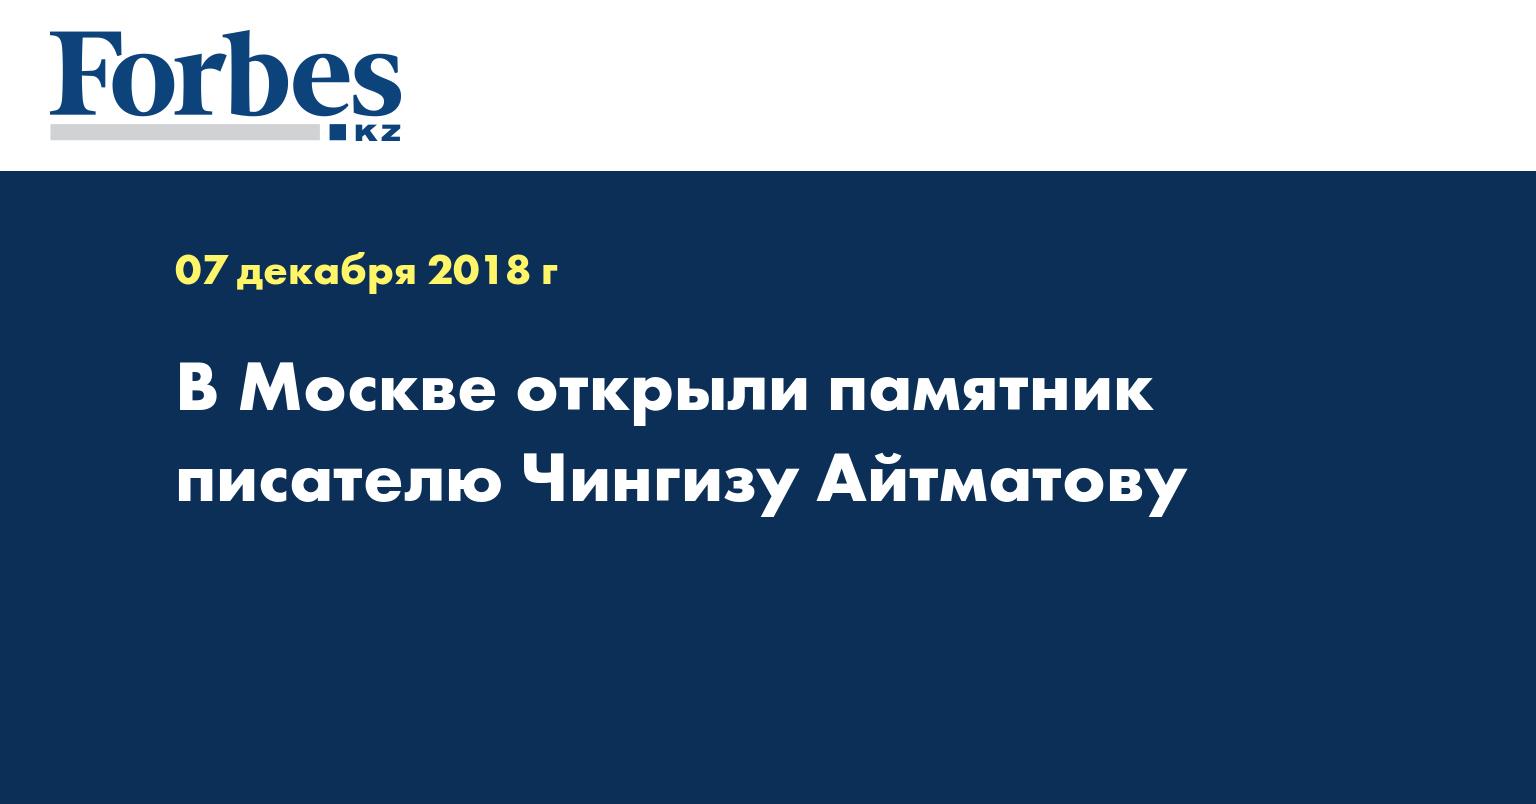 В Москве открыли памятник писателю Чингизу Айтматову